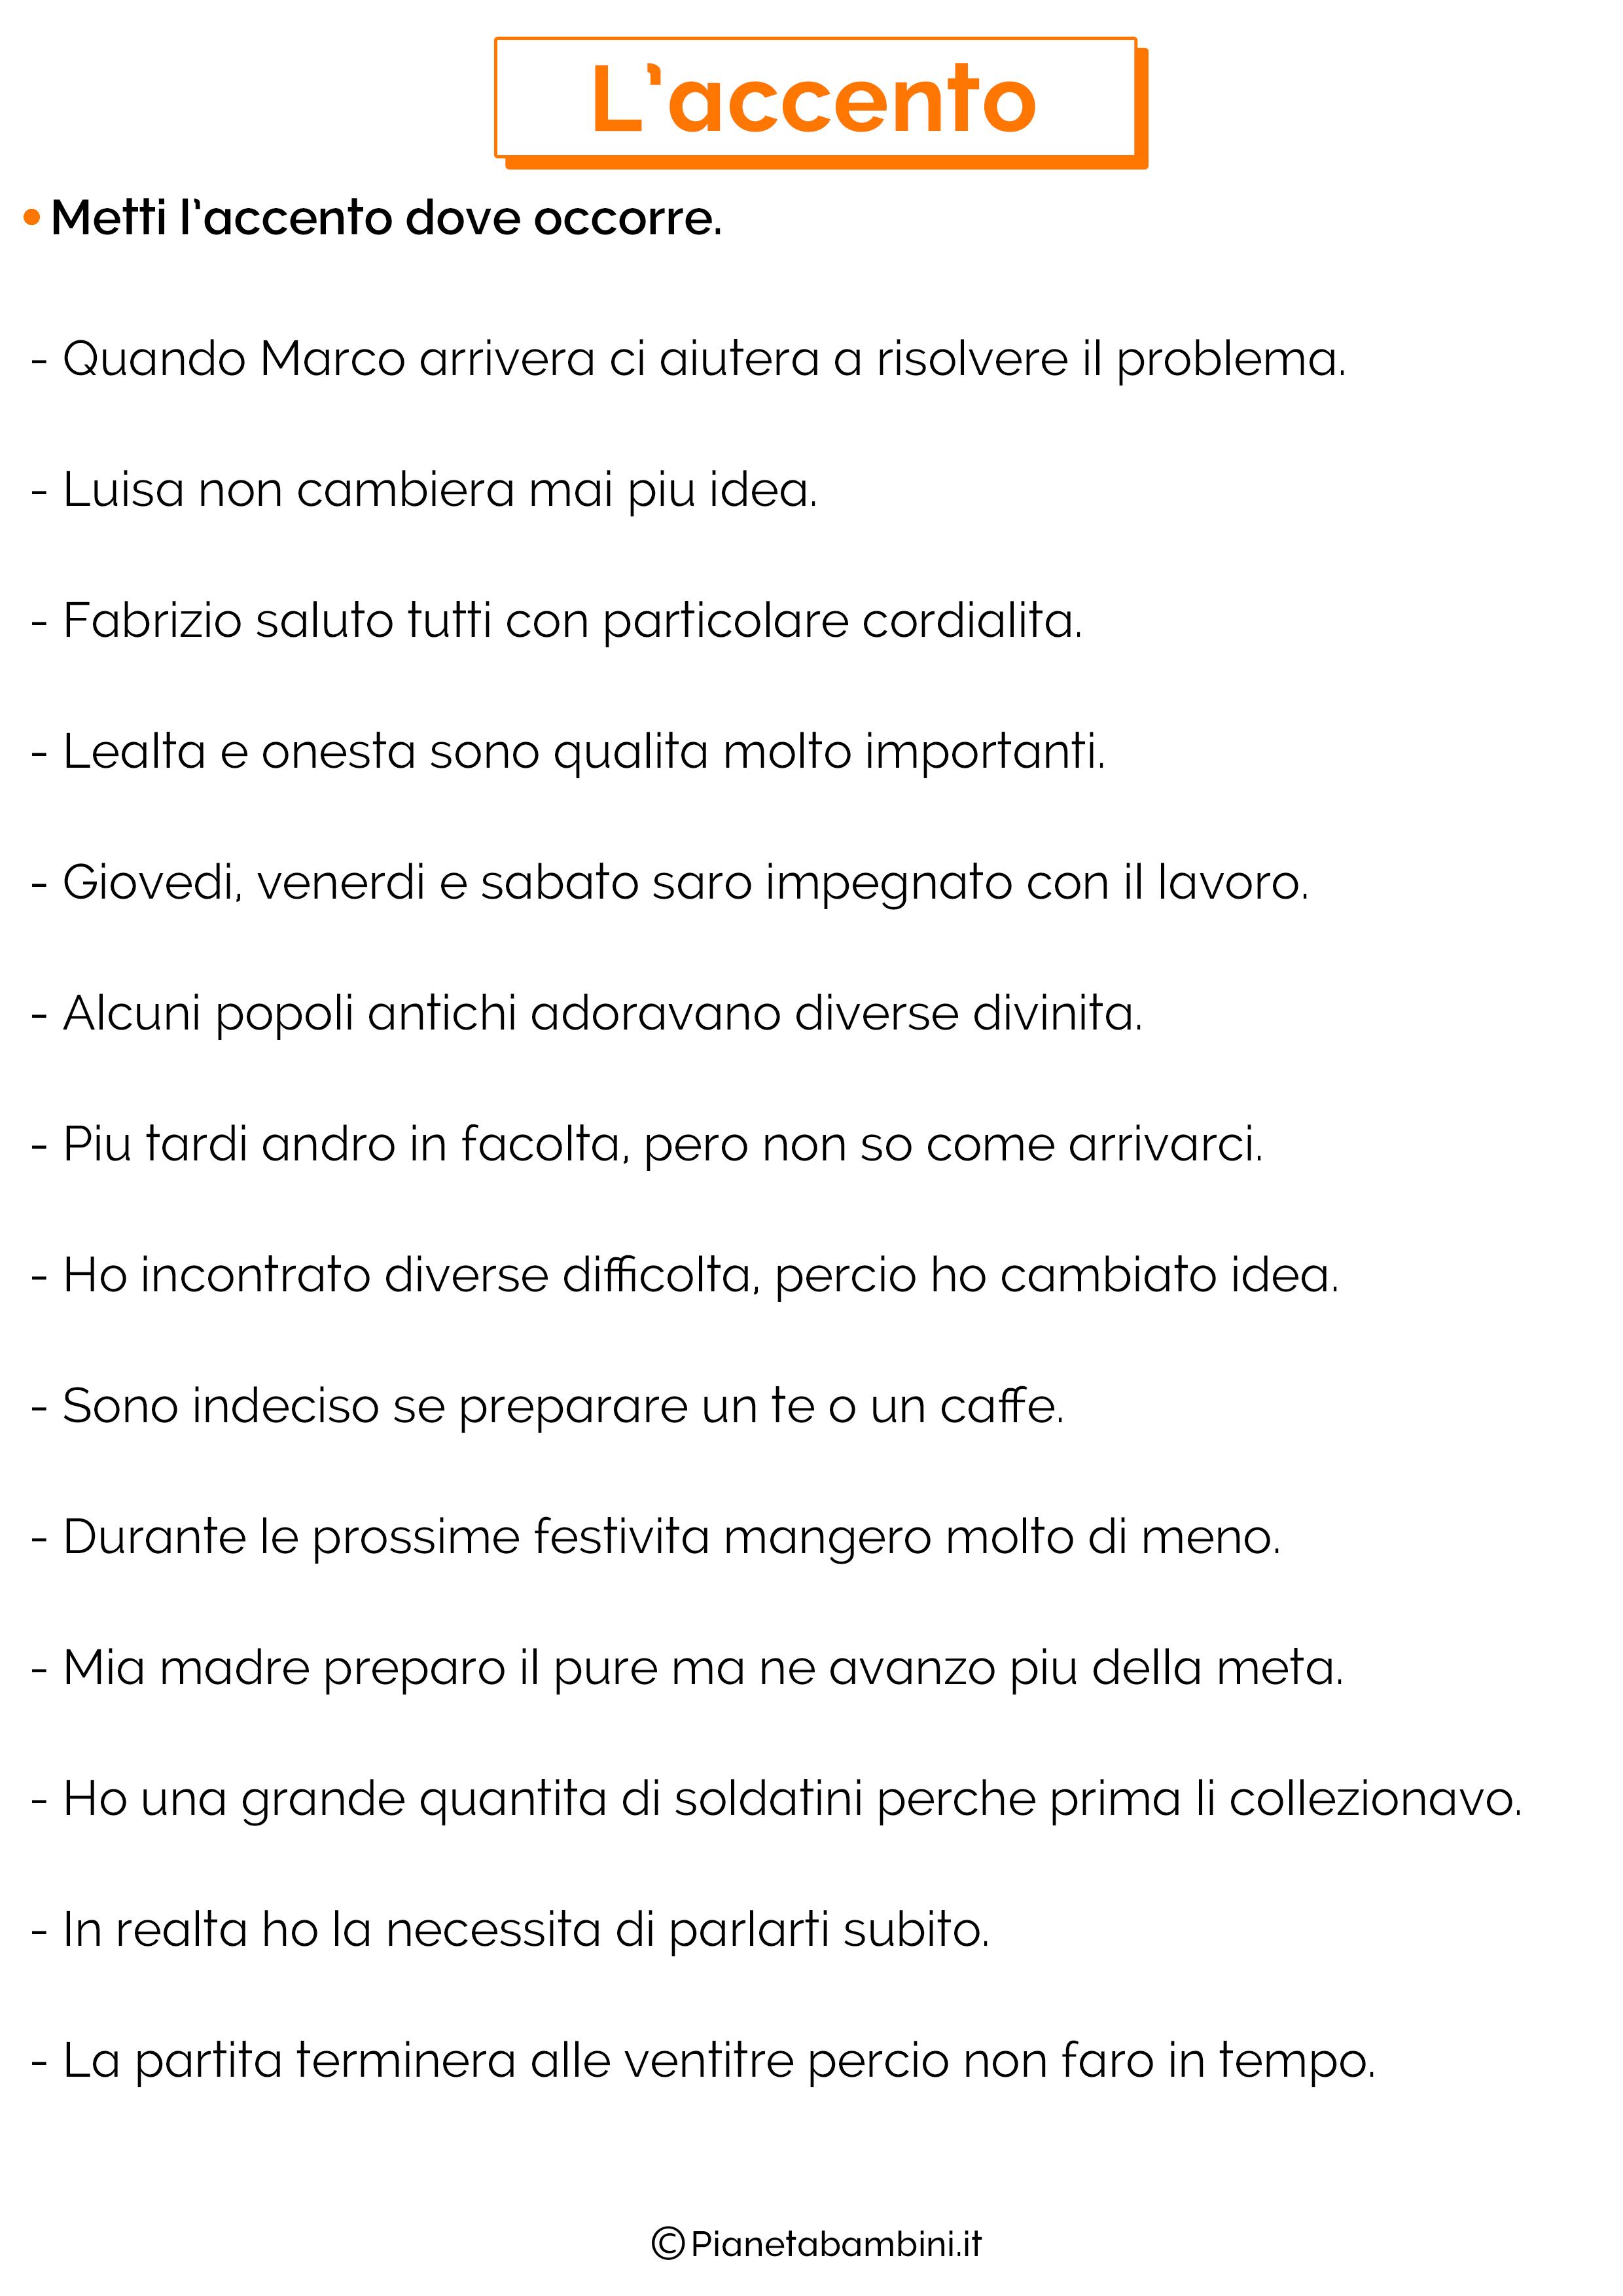 Esercizi sull'accento 9